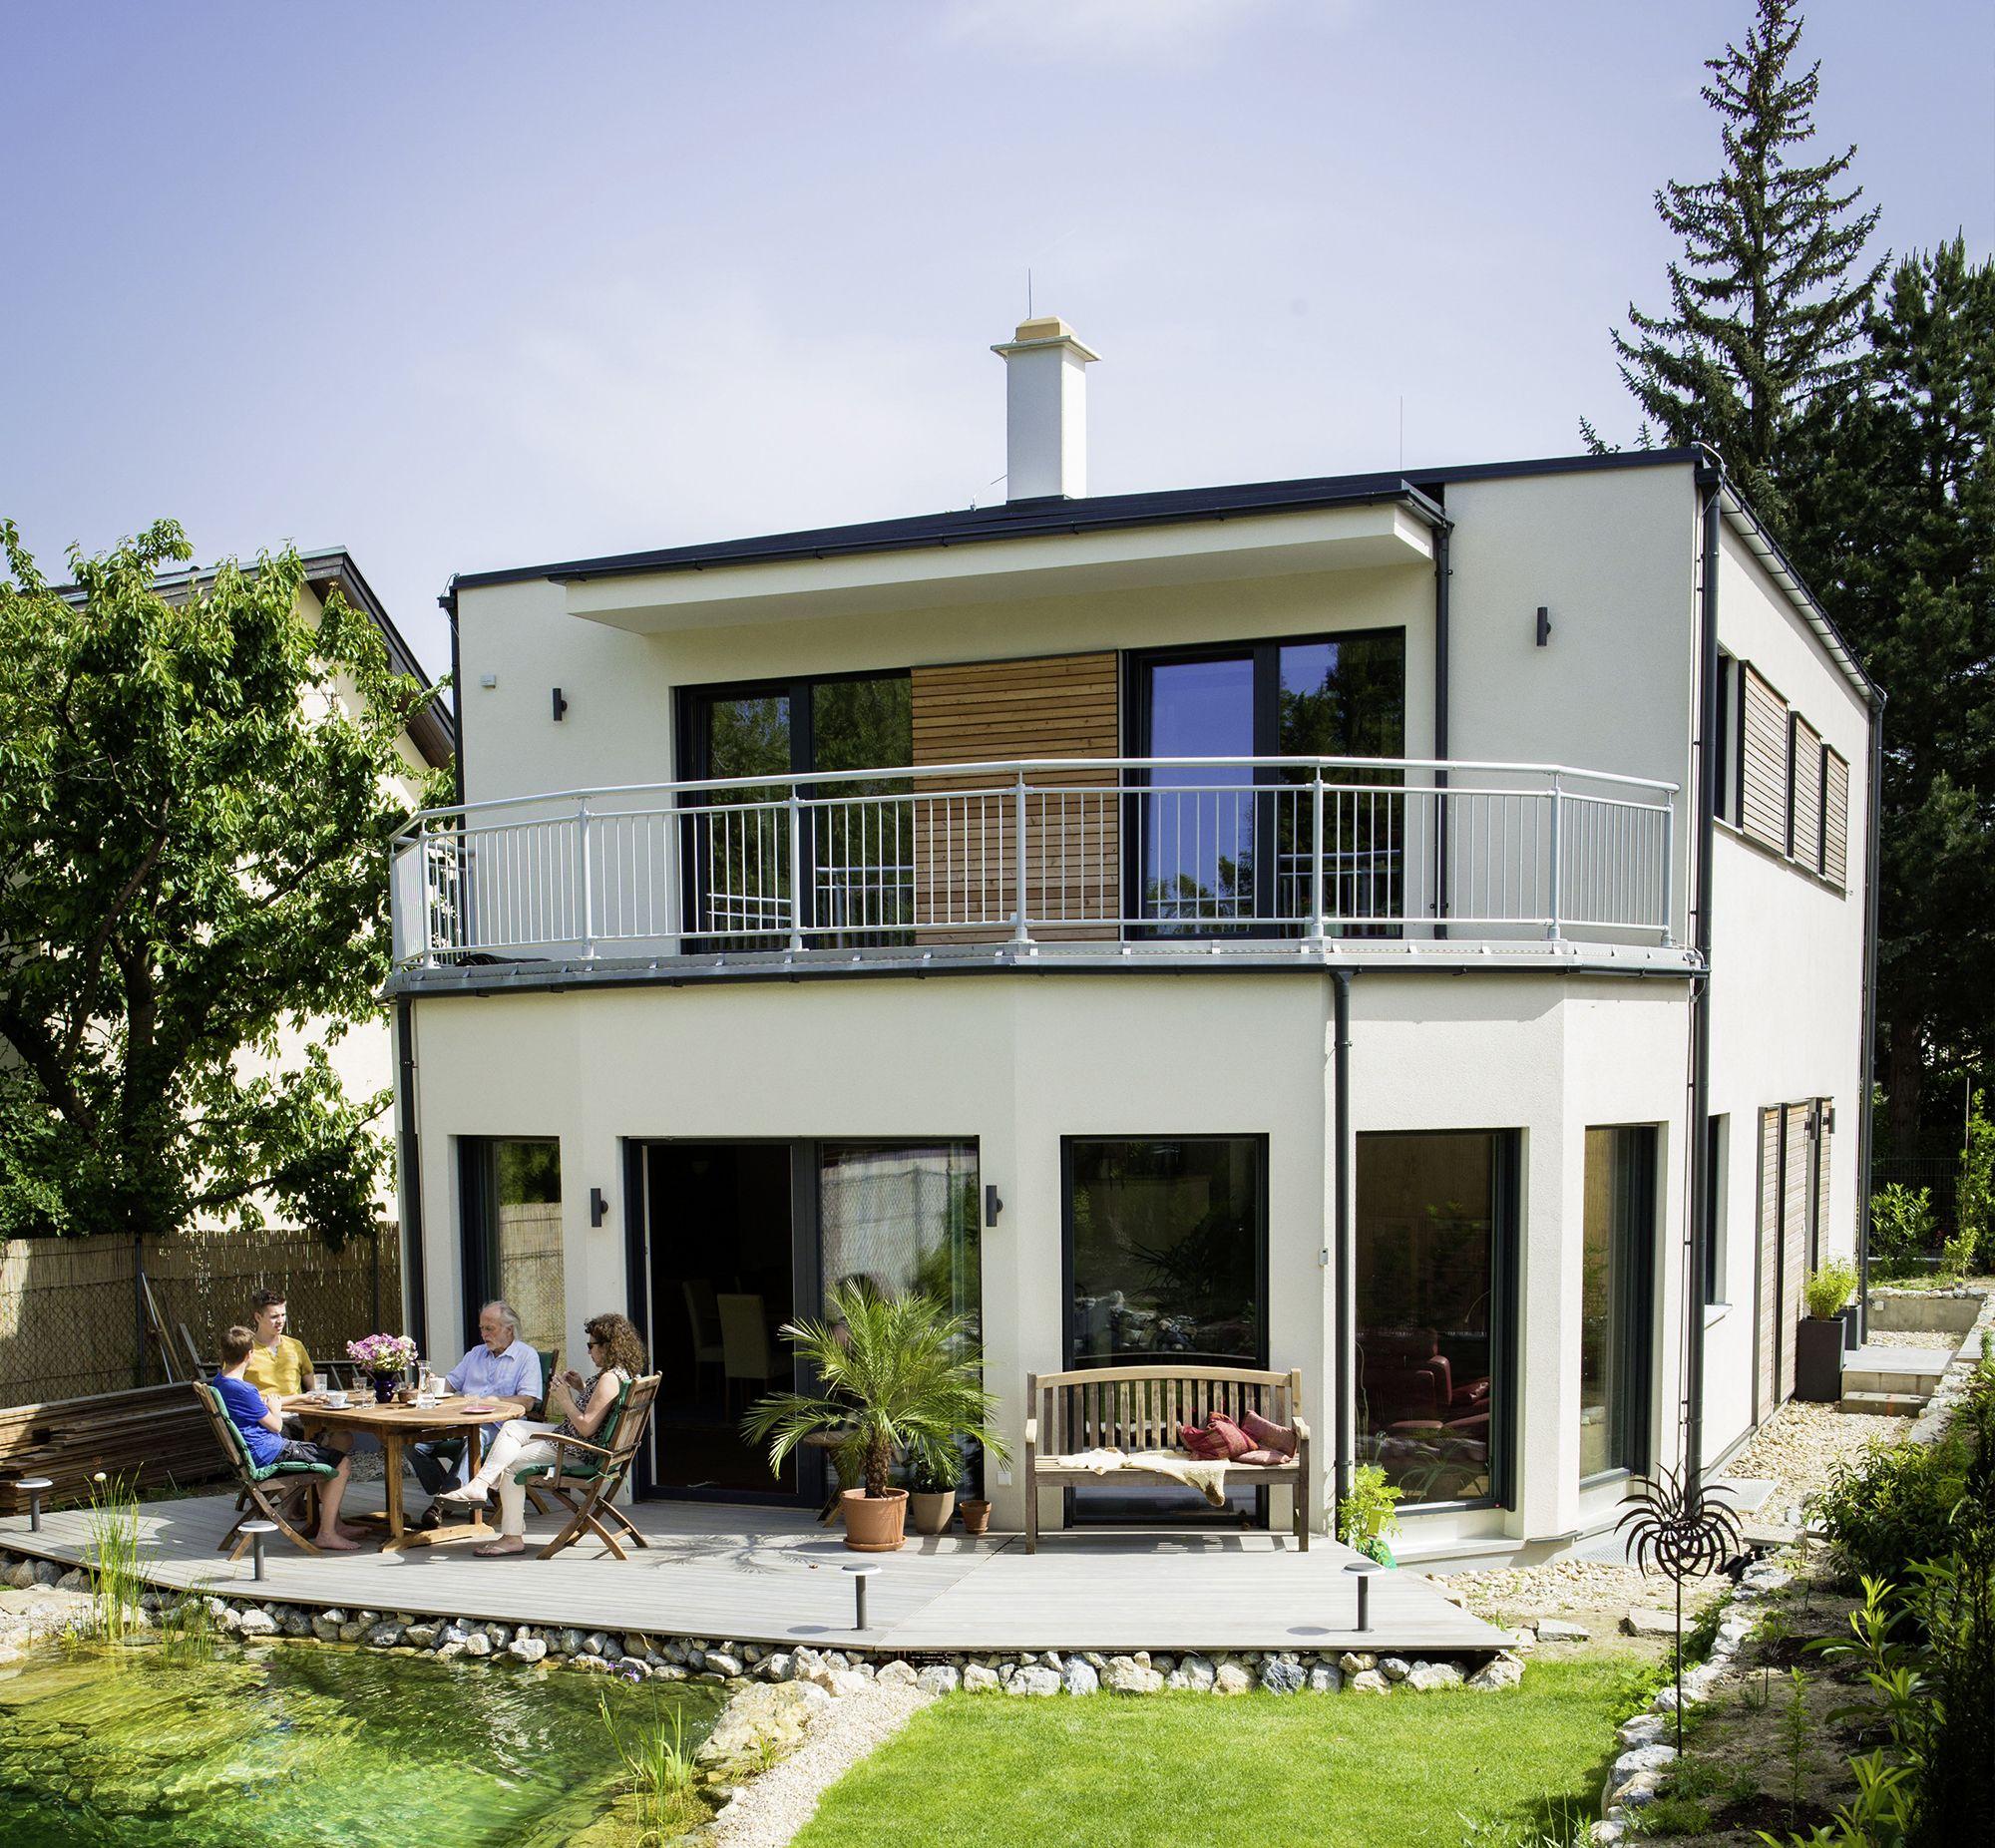 Neubau Einfamilienhaus Flachdach: Familie Padiwy Aus Wien, Österreich